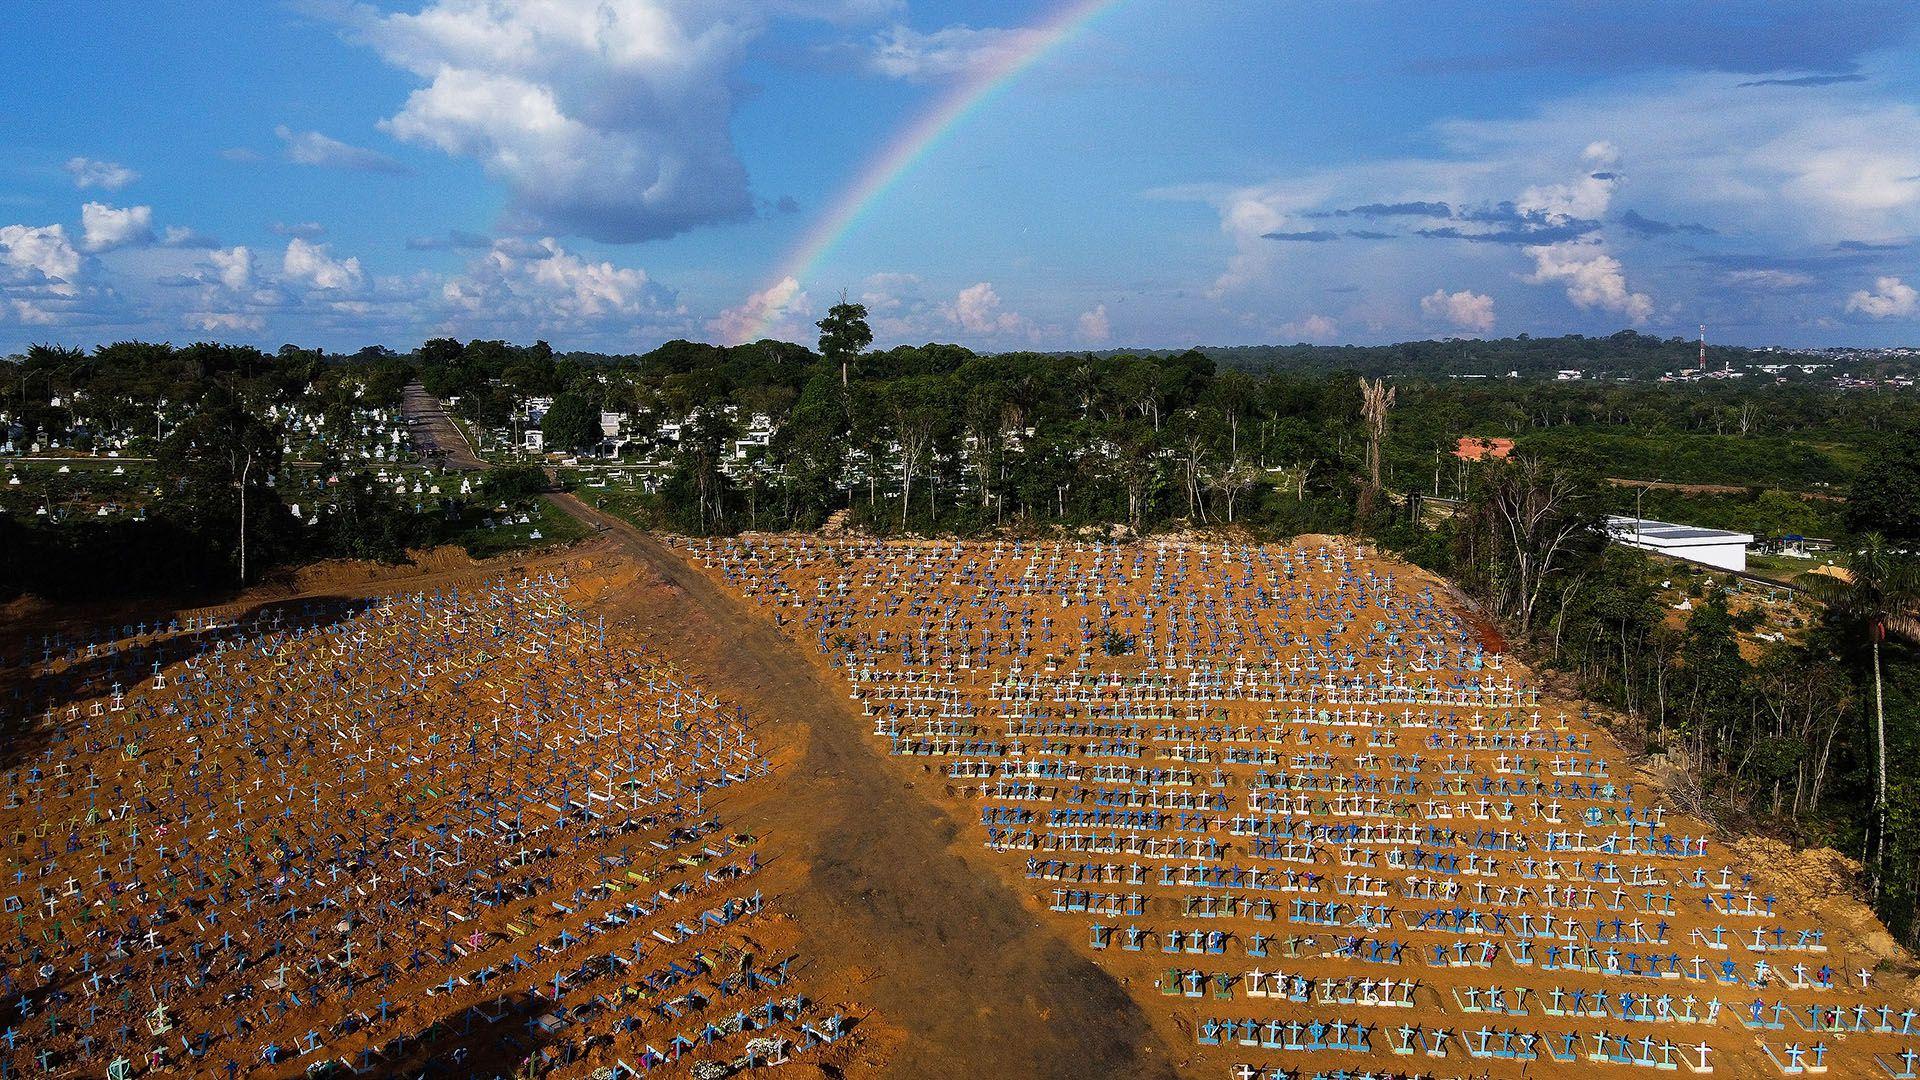 cementerio manaos brasil portada